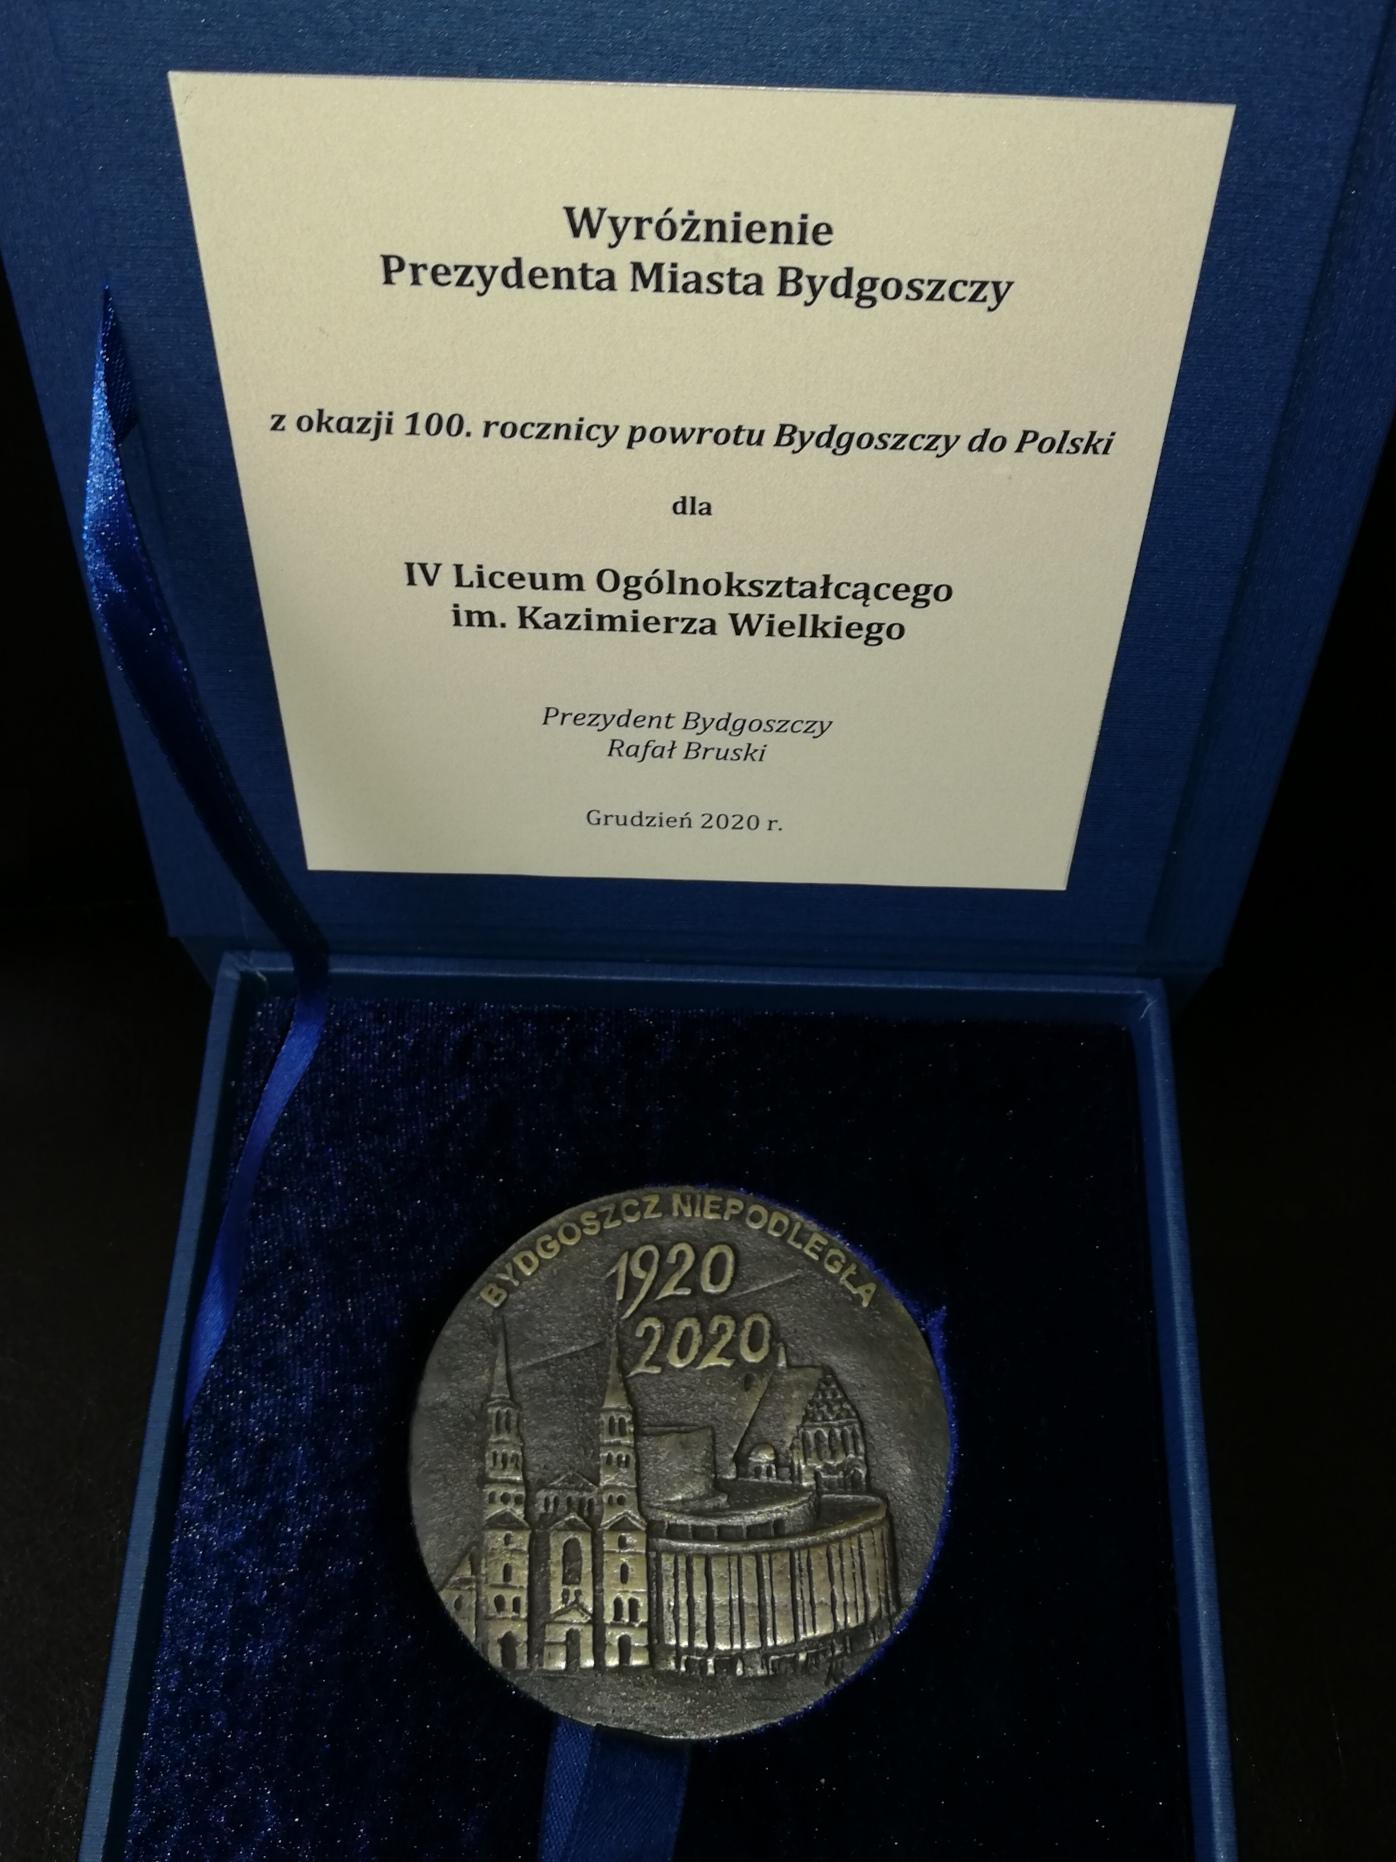 Wyróżnienie Prezydenta Miasta Bydgoszczy